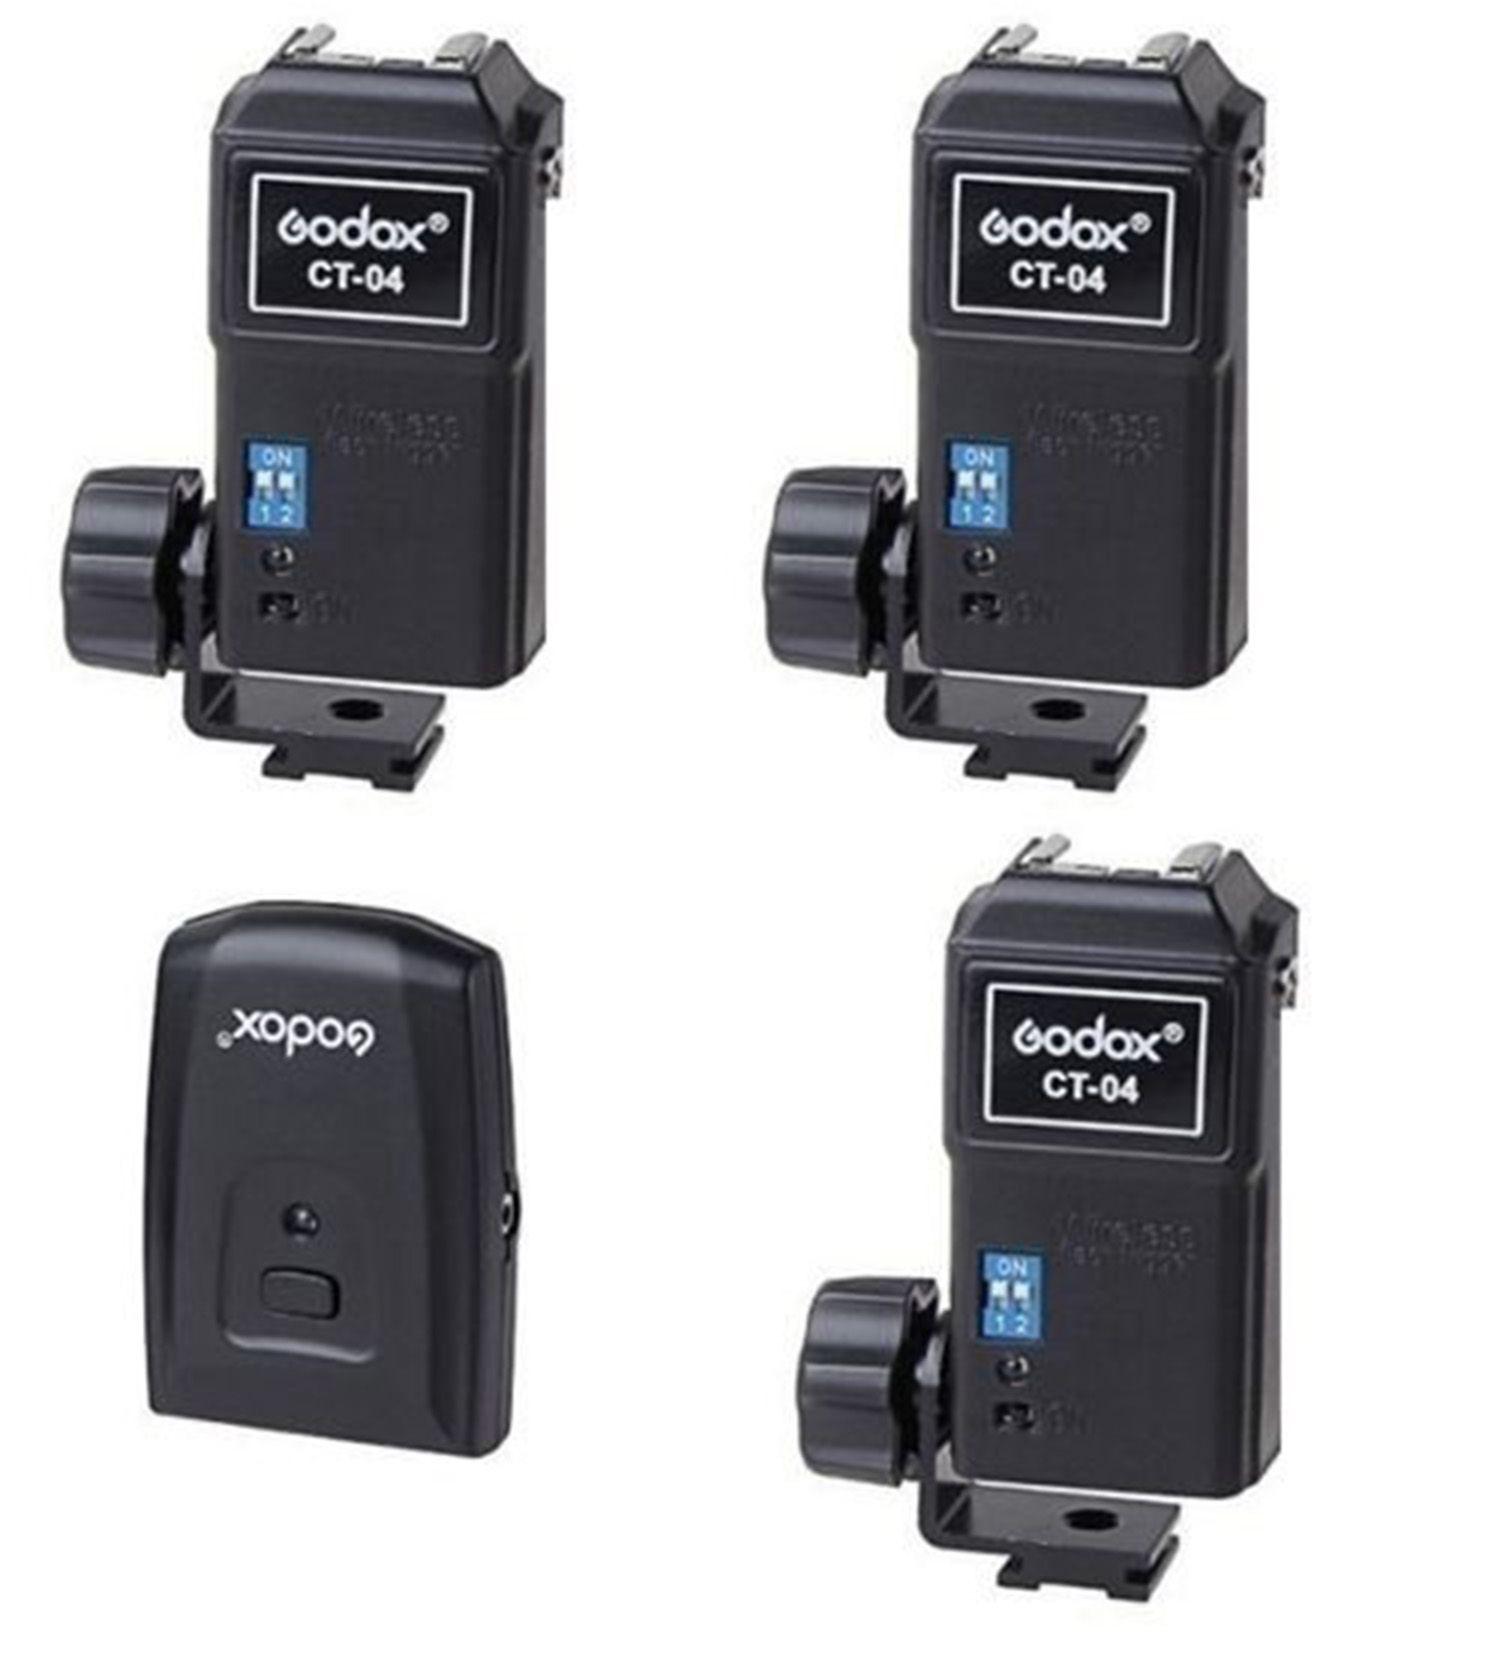 Rádio Flash Godox Ct-04 Canais Transmissor com 3 Receptor Estúdio